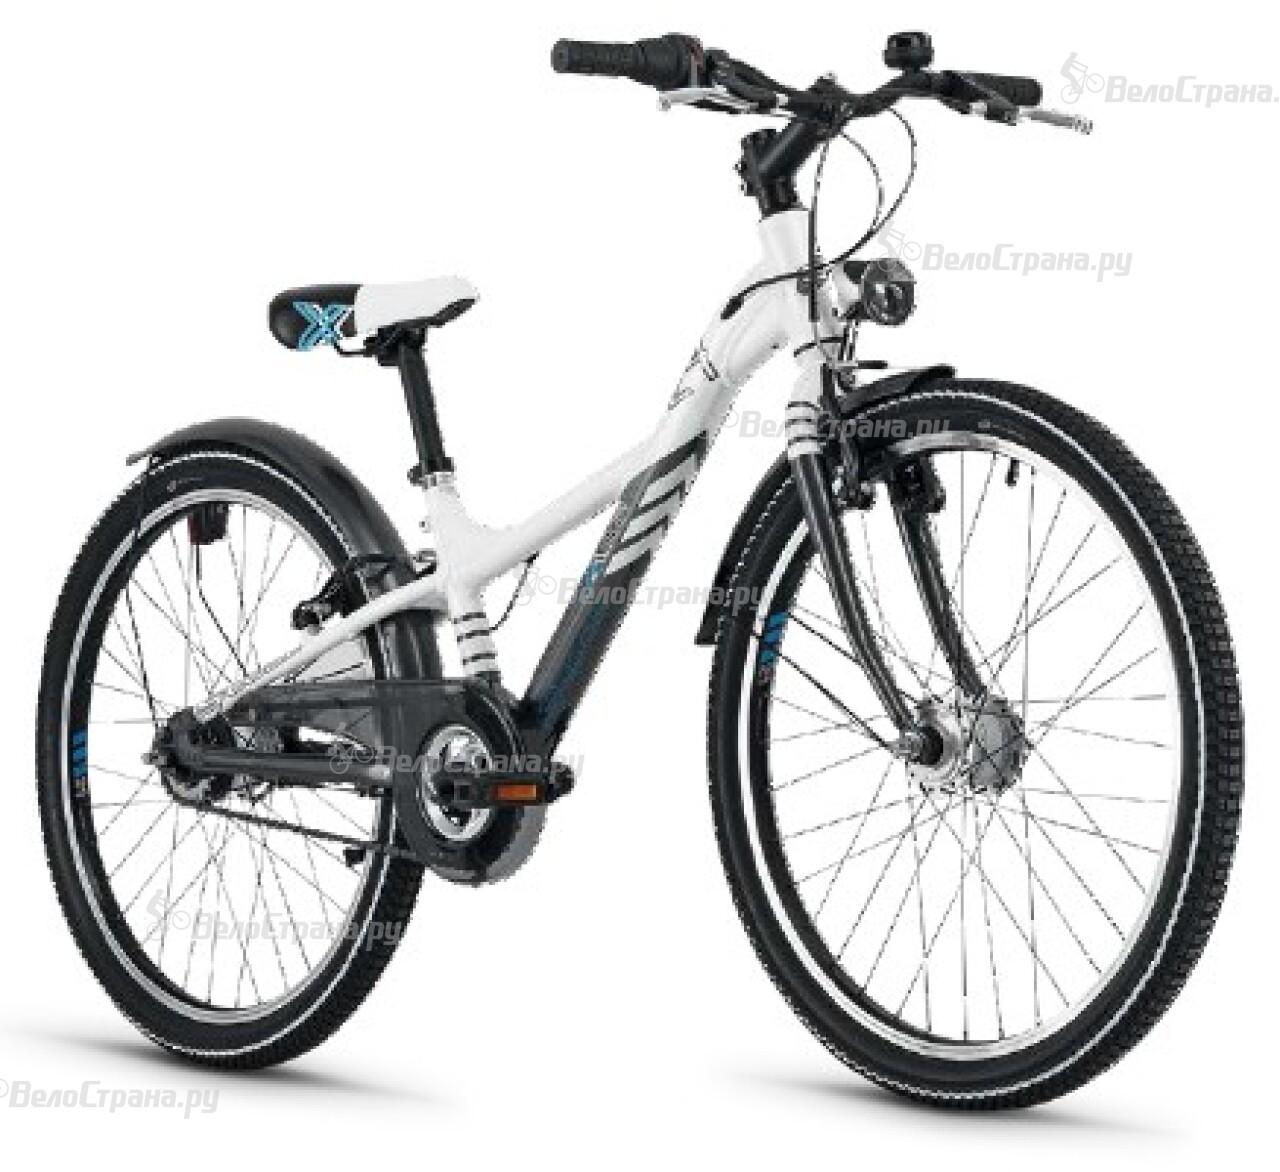 Велосипед Scool XX lite 24 3S (2014)